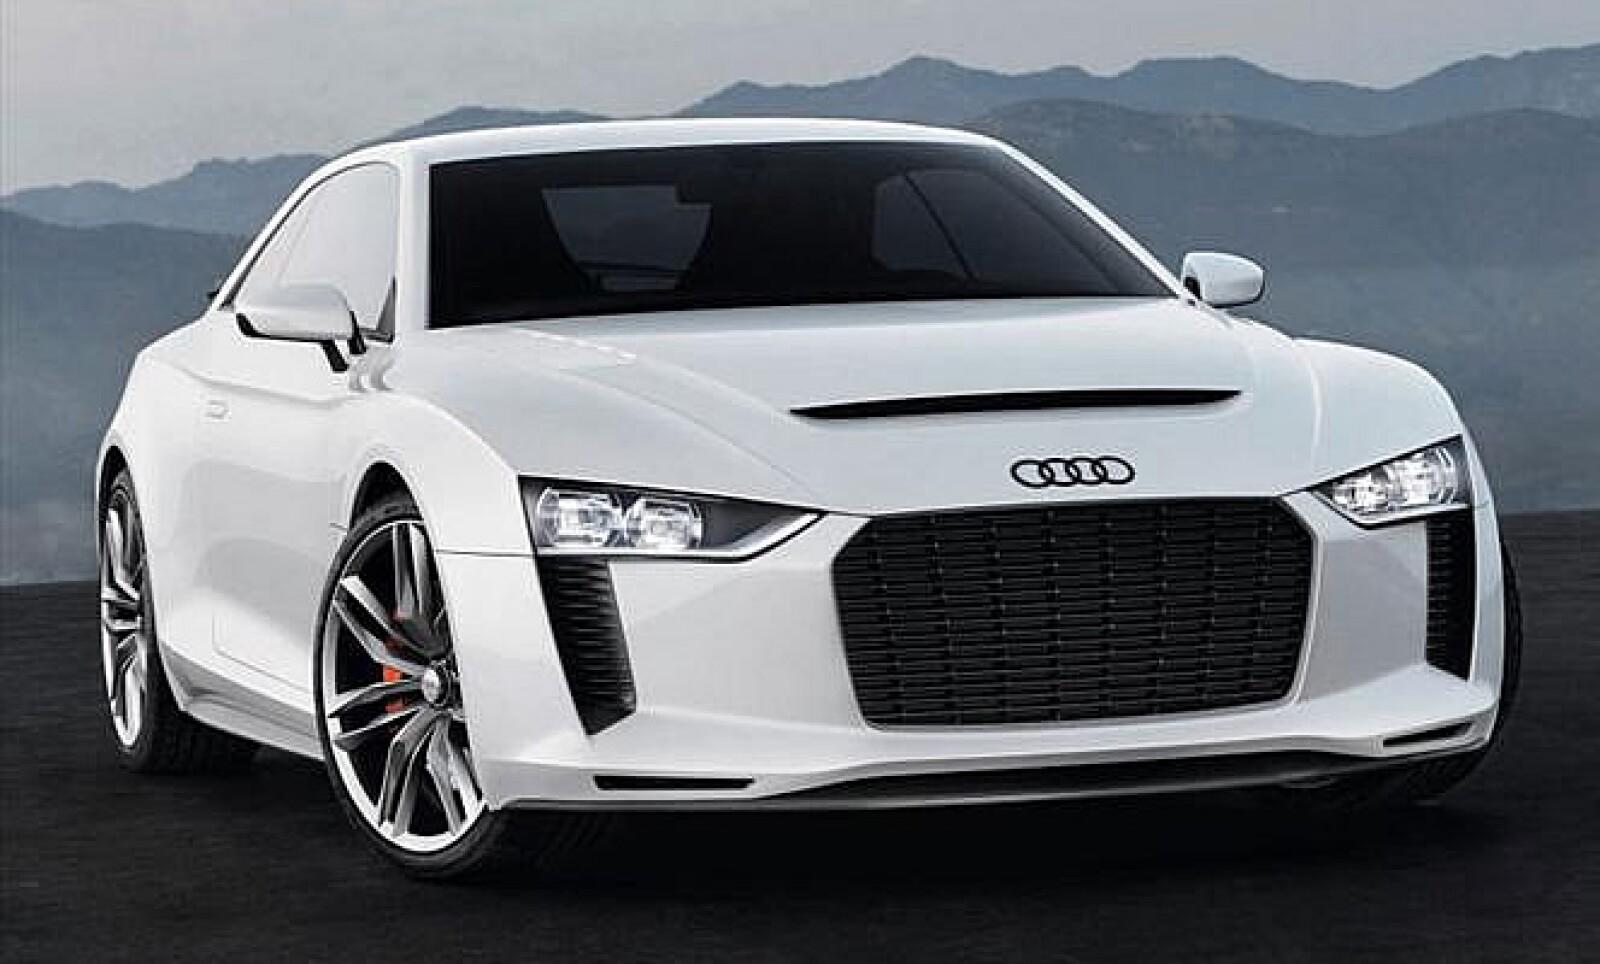 Este Audi Quattro concept emplea la plataforma del RS5 y recurre a un motor de cinco cilindros en línea con 2.5 litros y alimentación forzada que le permite alcanzar los 408 hp.